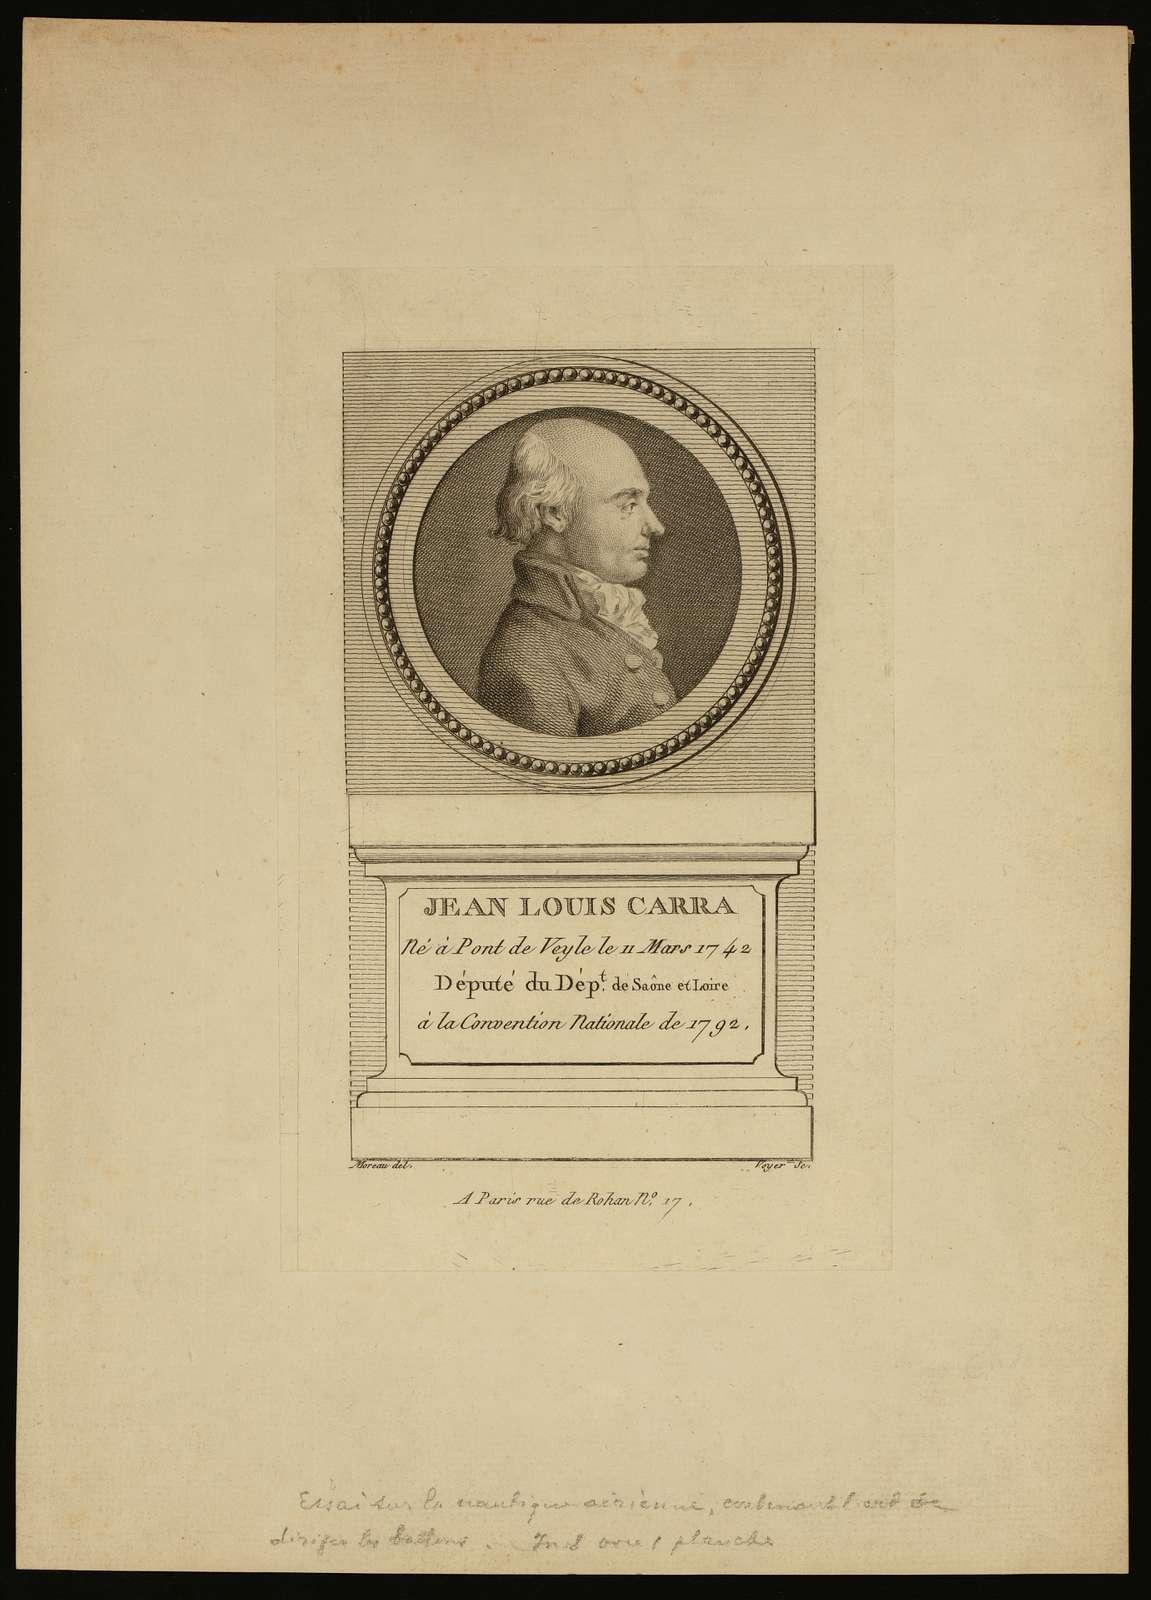 Jean Louis Carra, né à Pont de Veyle le 11 mars 1742, député du Dépt. de Saône et Loire, à la Convention nationale de 1792 / Moreau, del. ; Voyer, sc.